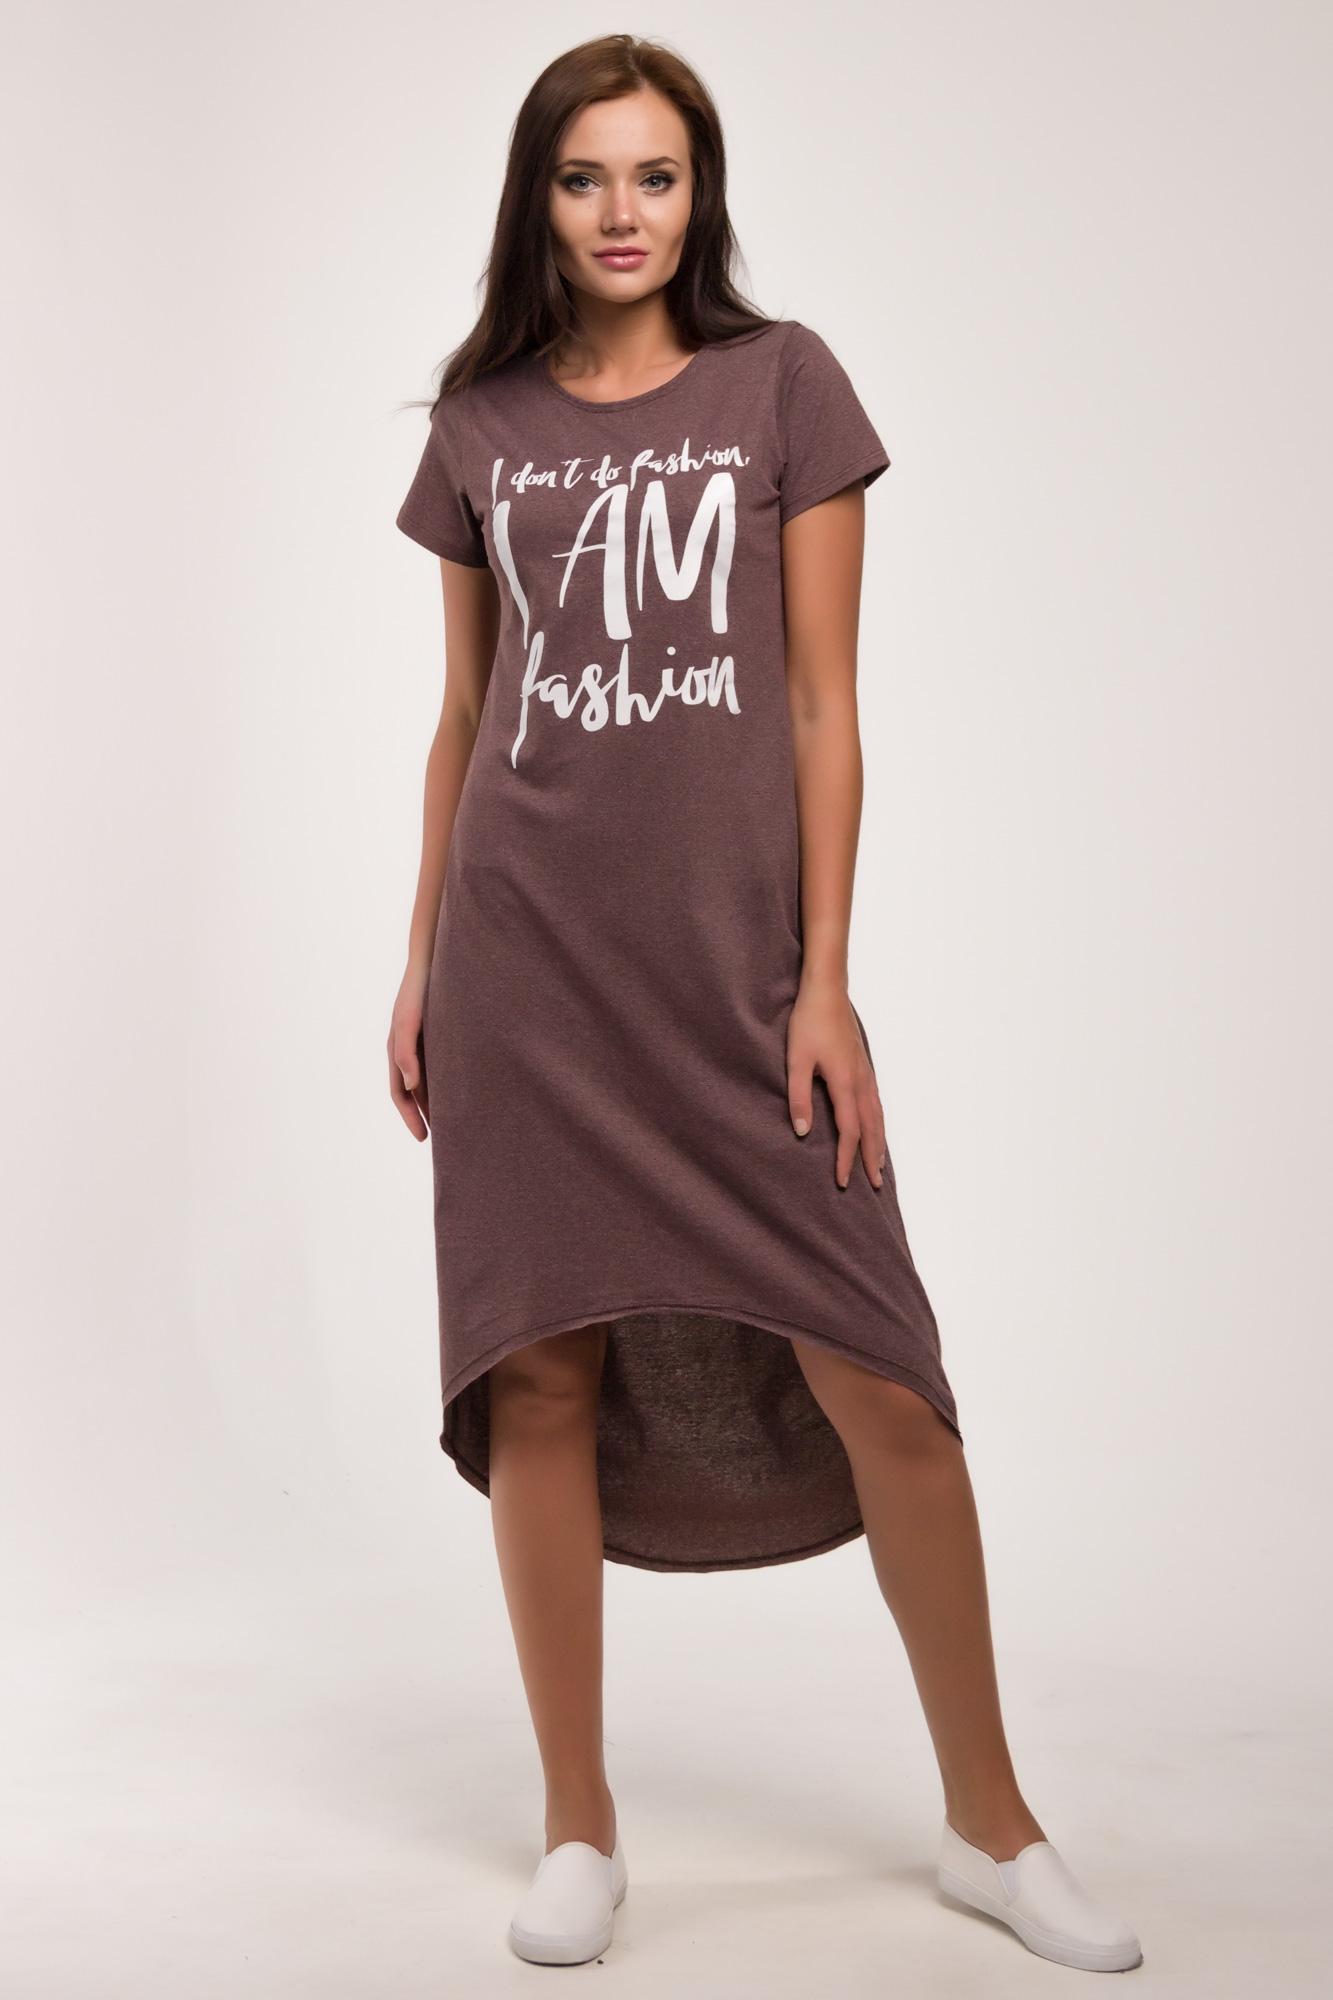 Мини платье Грандсток 15510992 от Grandstock